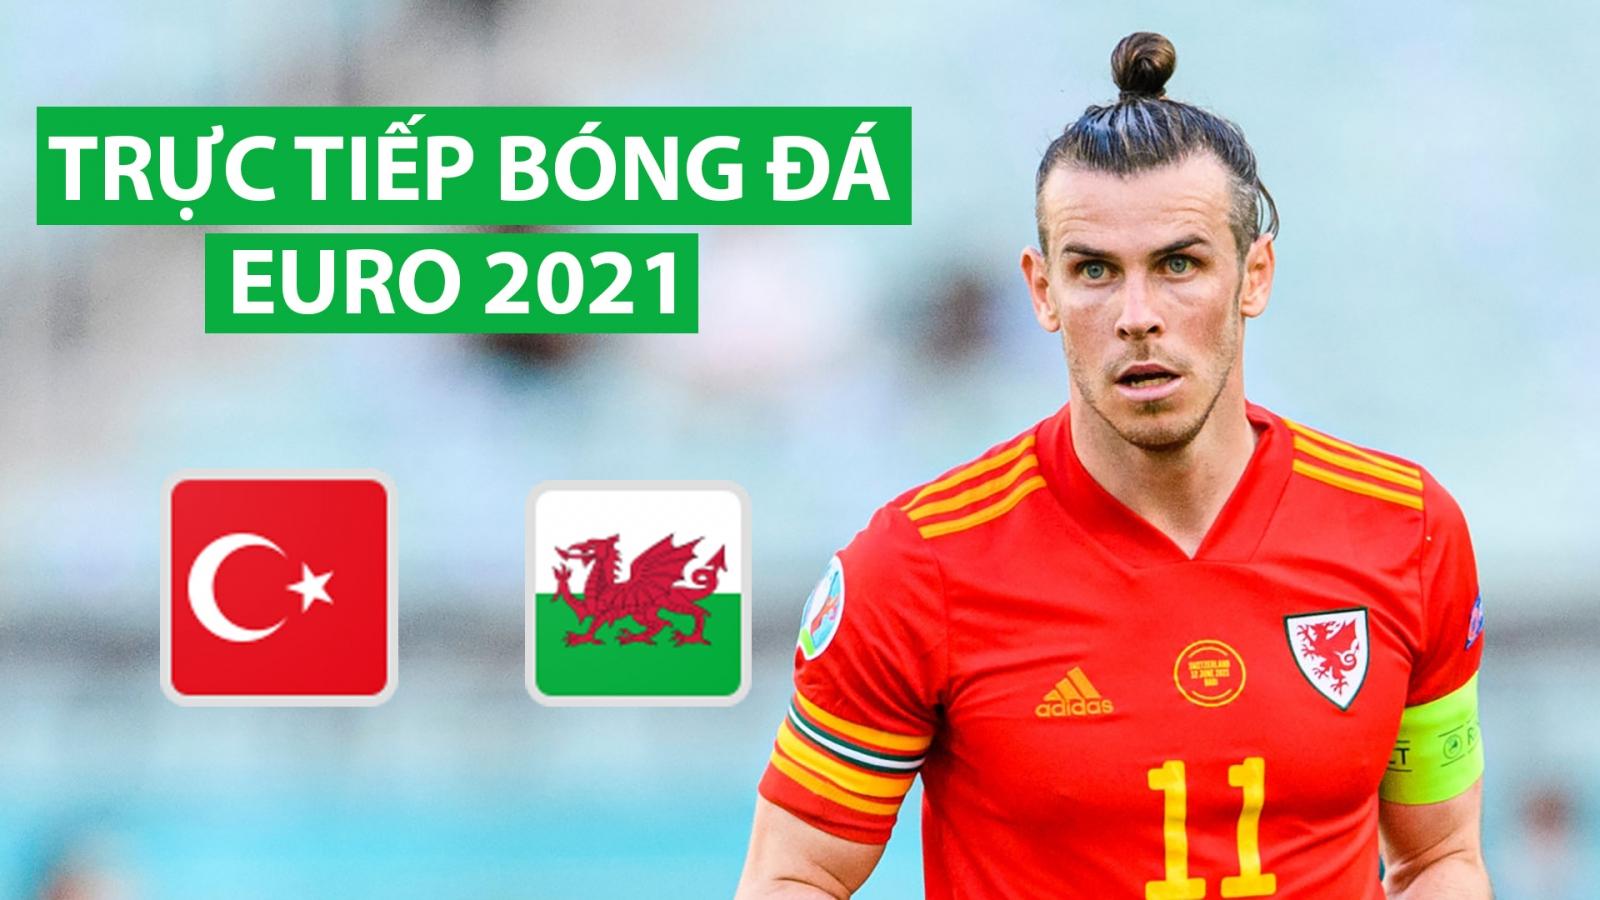 Trực tiếp bóng đá Thổ Nhĩ Kỳ - Xứ Wales: Bale và niềm cảm hứng từ Ronaldo